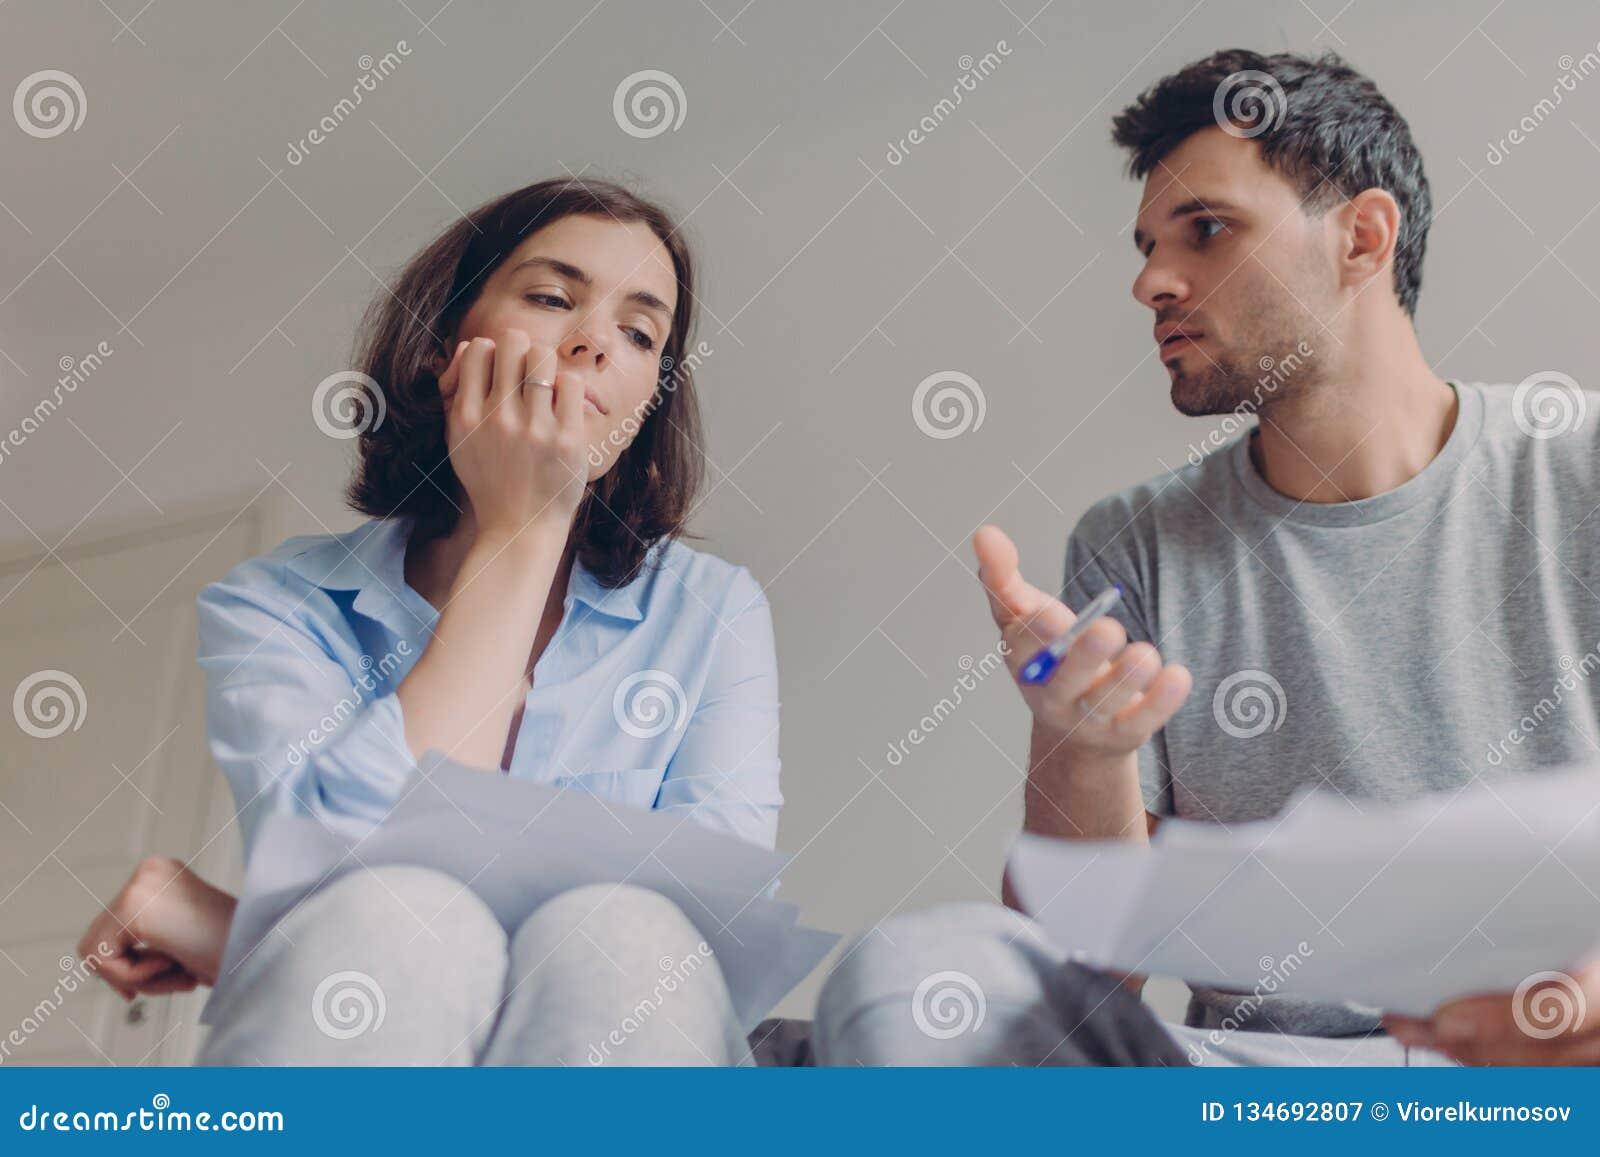 La foto de femenino y masculino serios hacer papeleo juntos, documentos del banco del estudio y sostener la pluma, discutir algo,